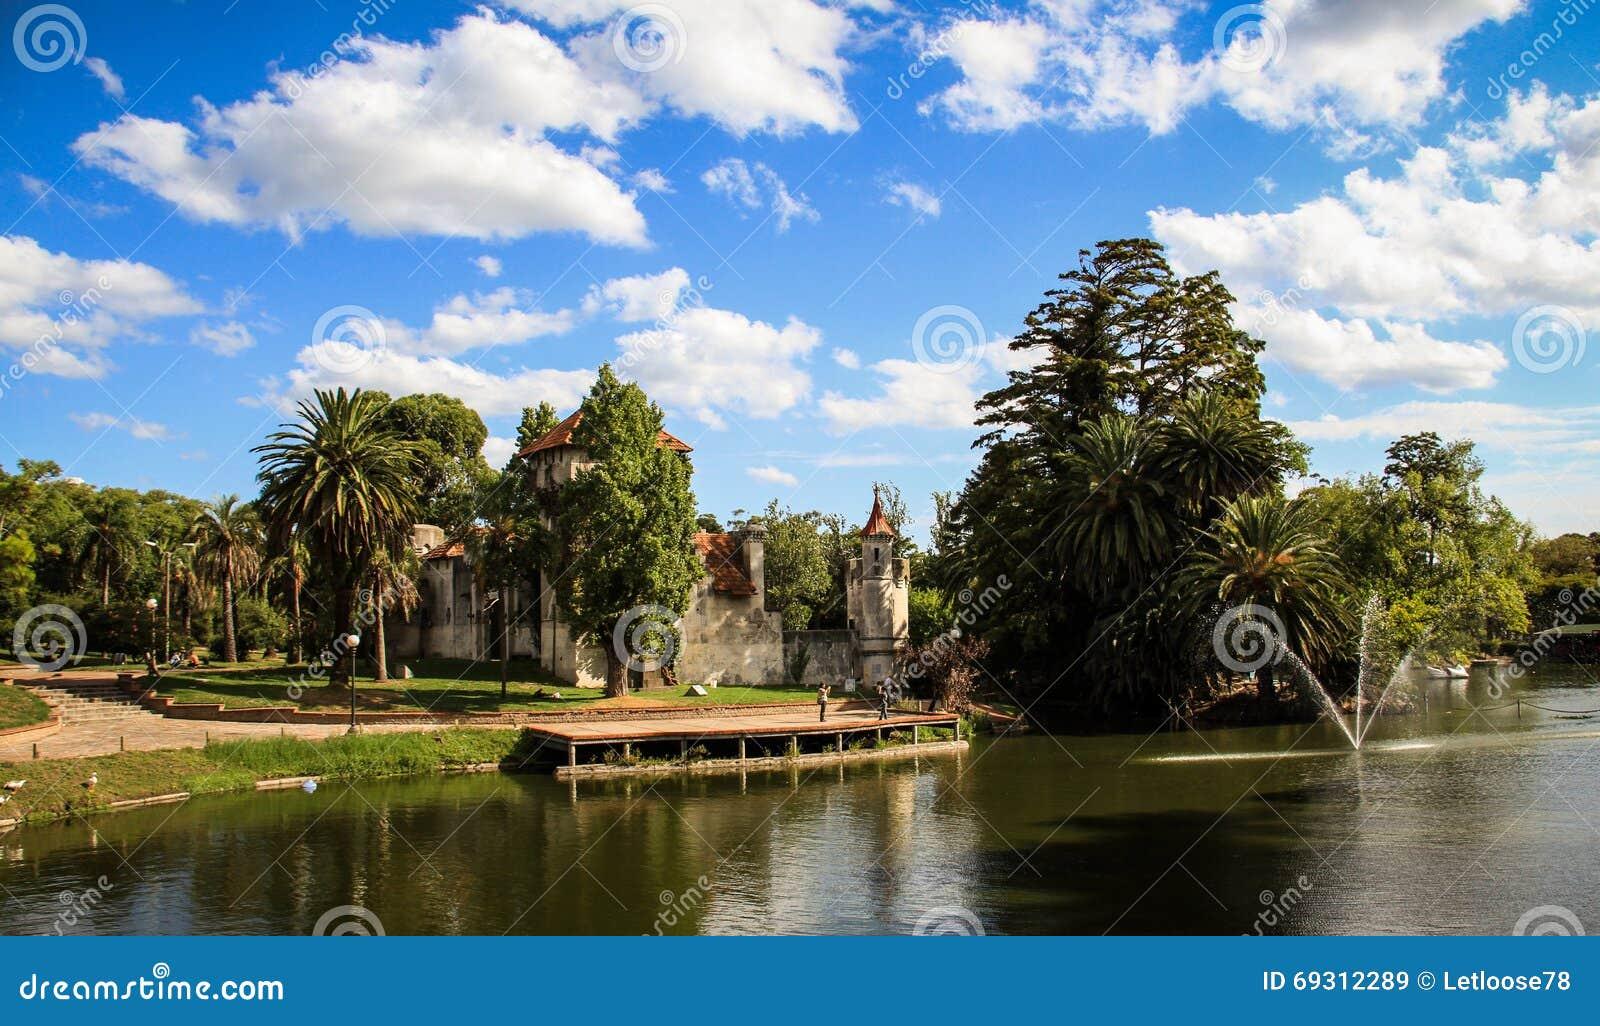 Замок и озеро парка Rodo, Монтевидео, Уругвай